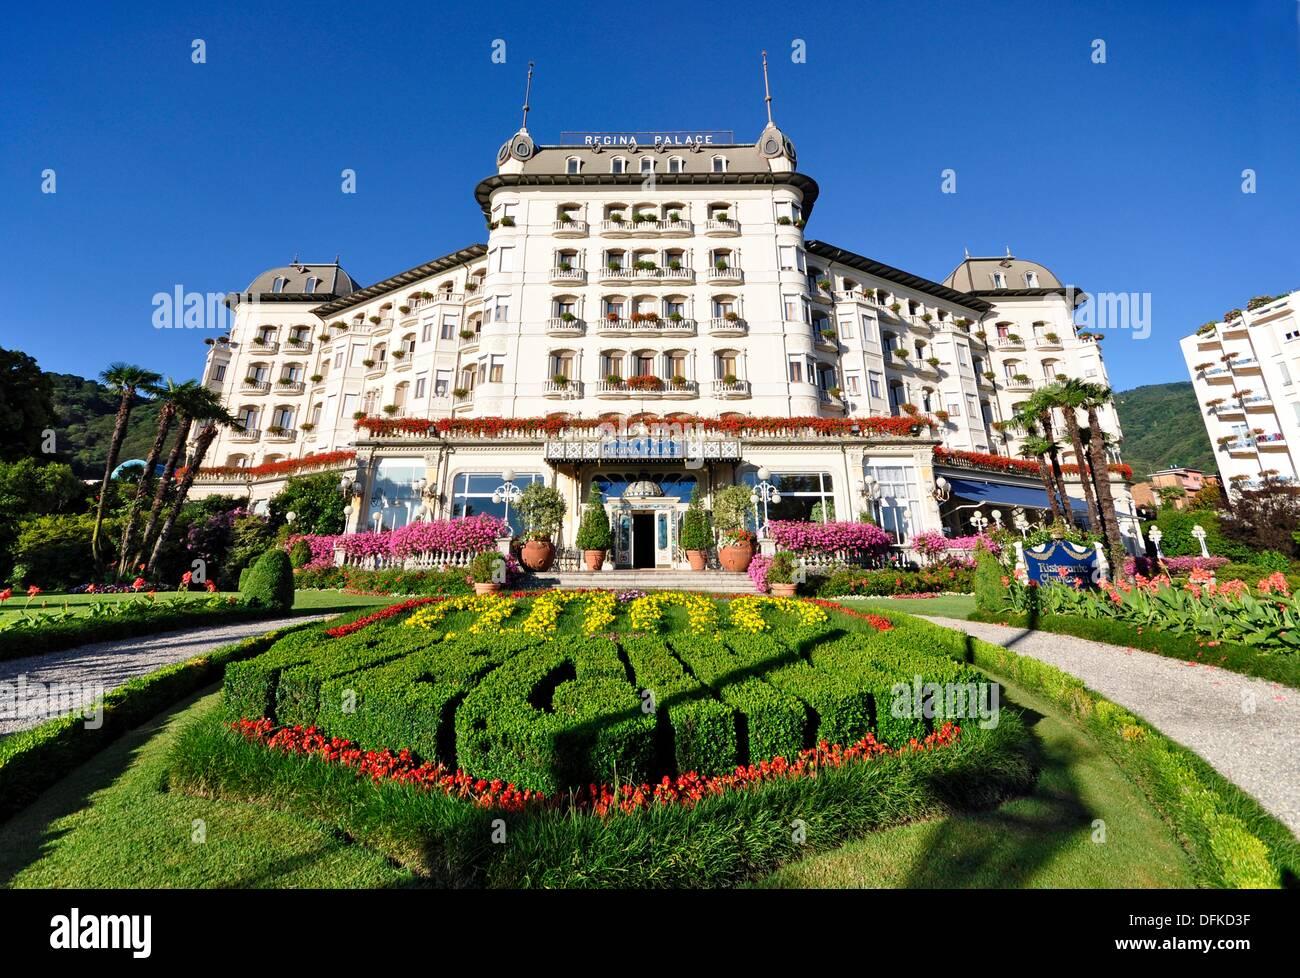 Stresa Italy Hotel Regina Palace